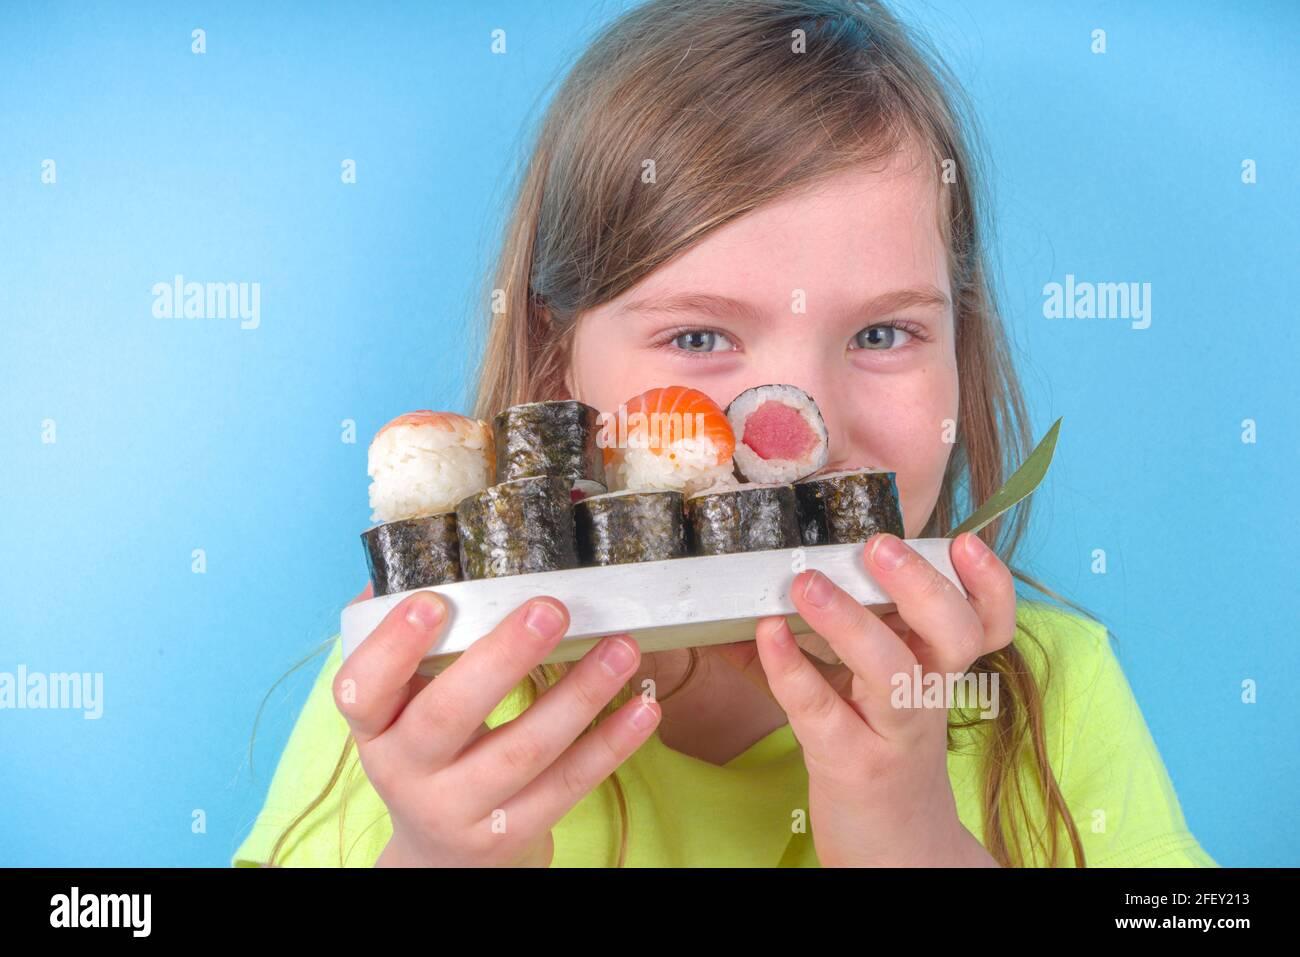 Nettes kleines Mädchen genießt Sushi zu essen. Fröhliche lustige kaukasische blonde Vorschule Kindermädchen mit verschiedenen Sushi-Rolle und Essstäbchen. Auf hellblauem Hintergrund Stockfoto